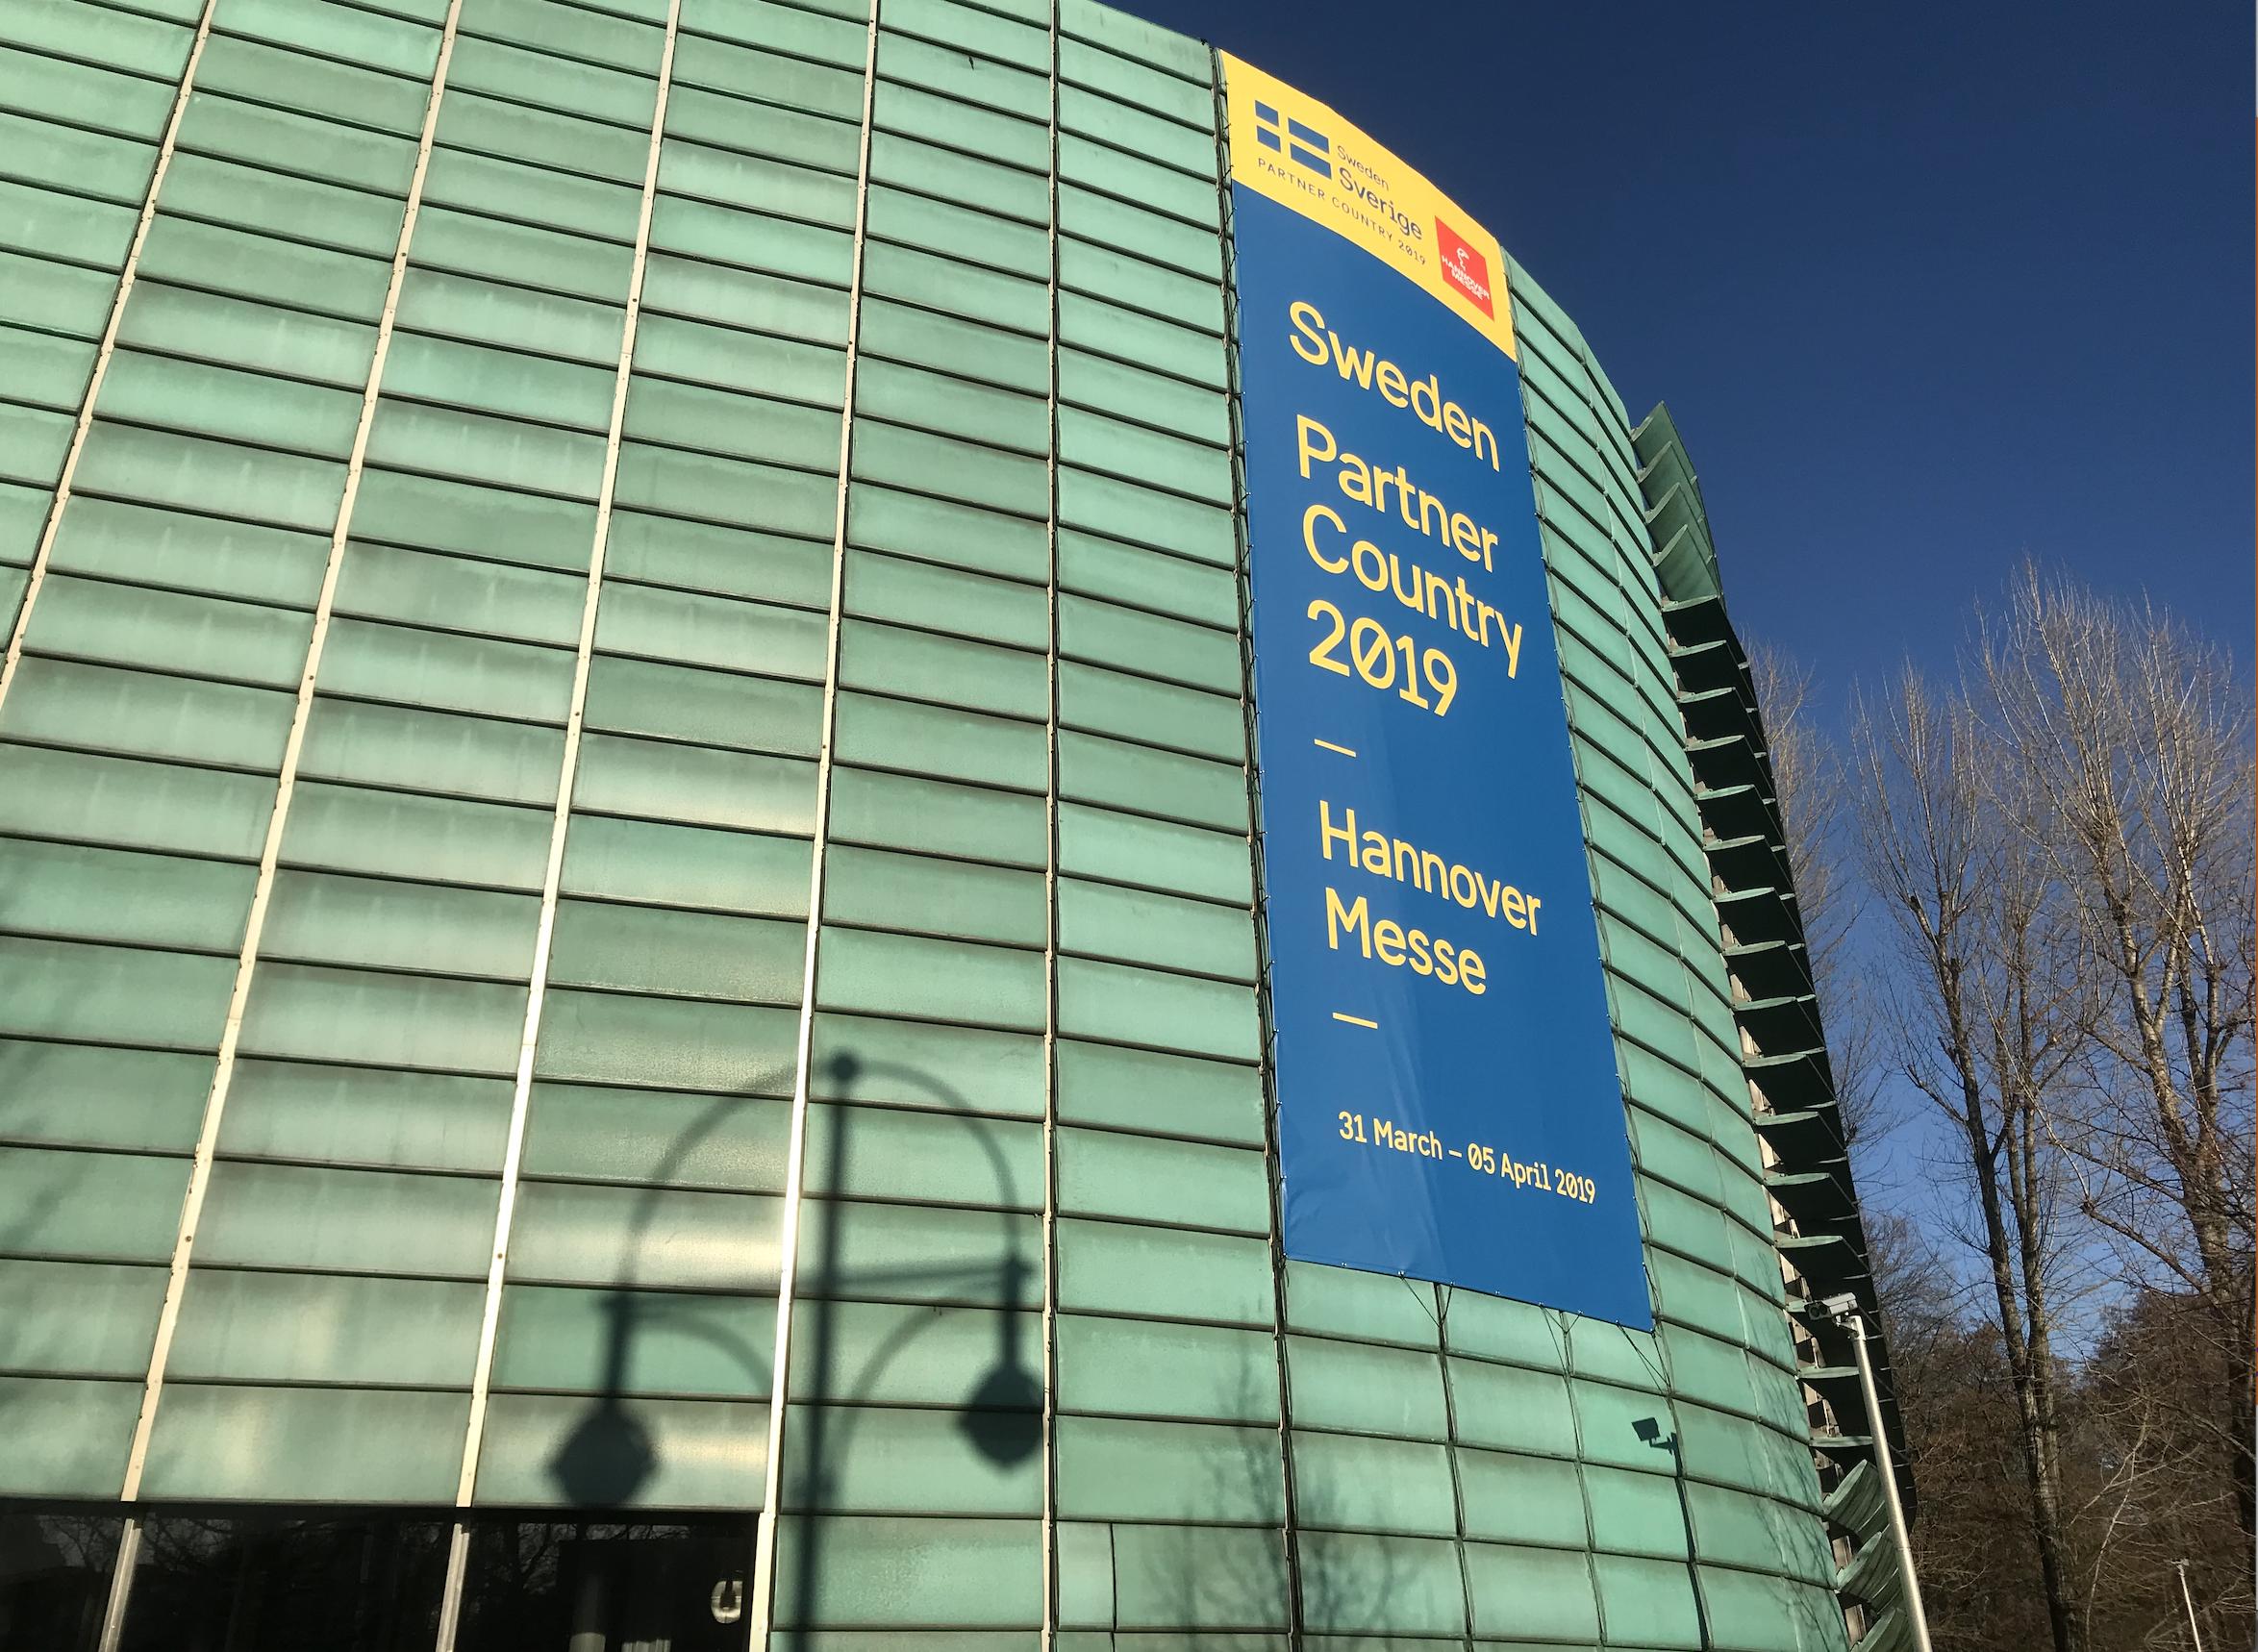 De skandinaviska ländernas ambassader är inrymda i samma byggnad, just nu Hannoverflaggad!